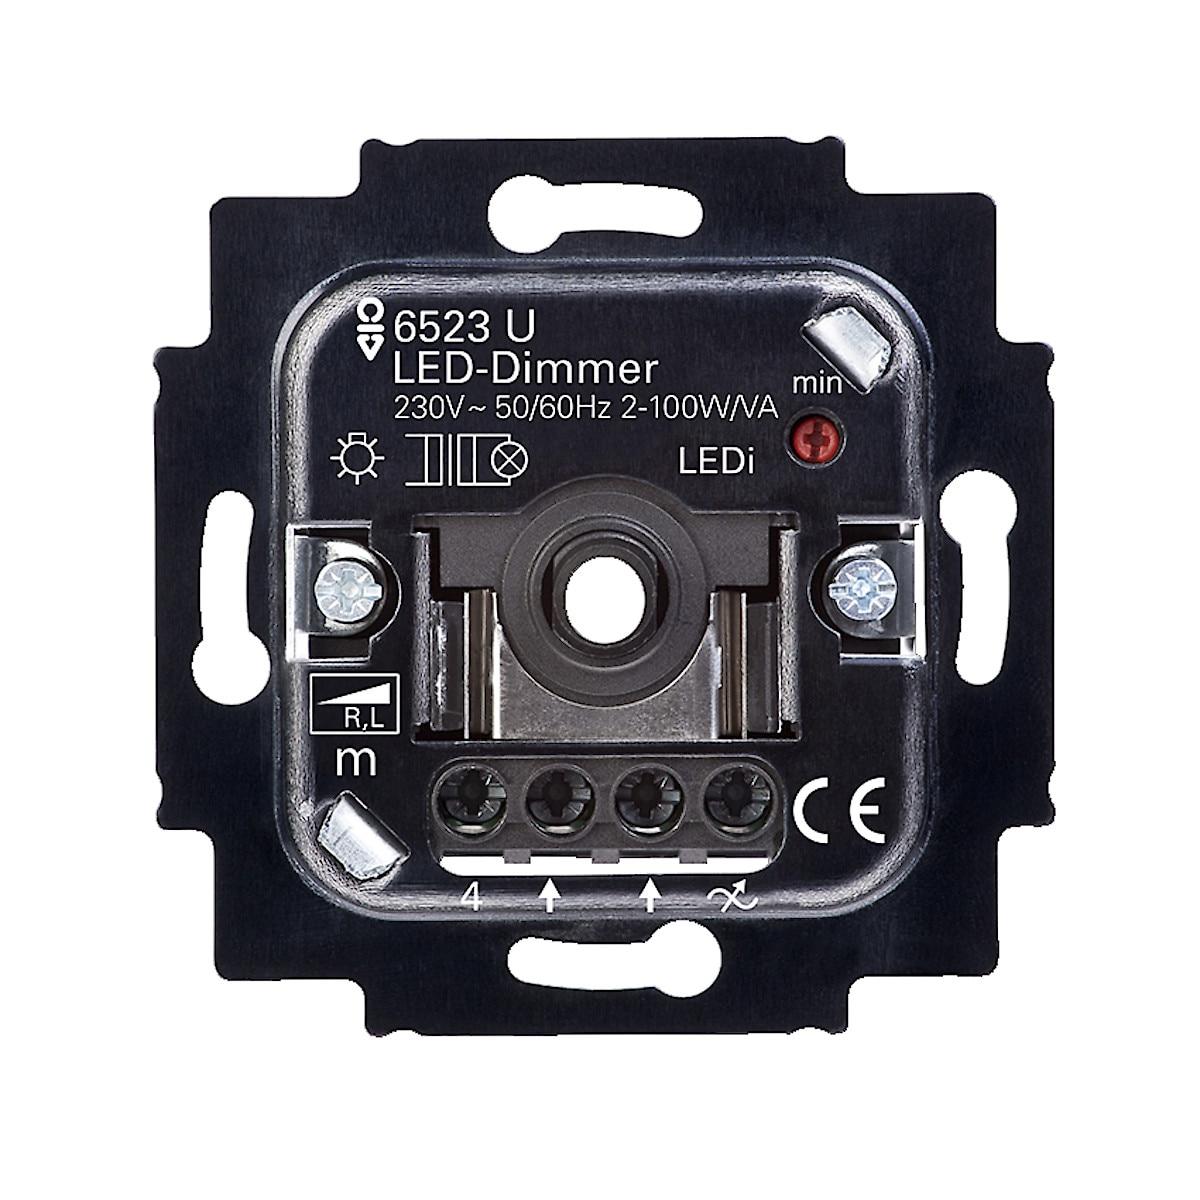 LED-Dimmer Busch-Jaeger 6523 U